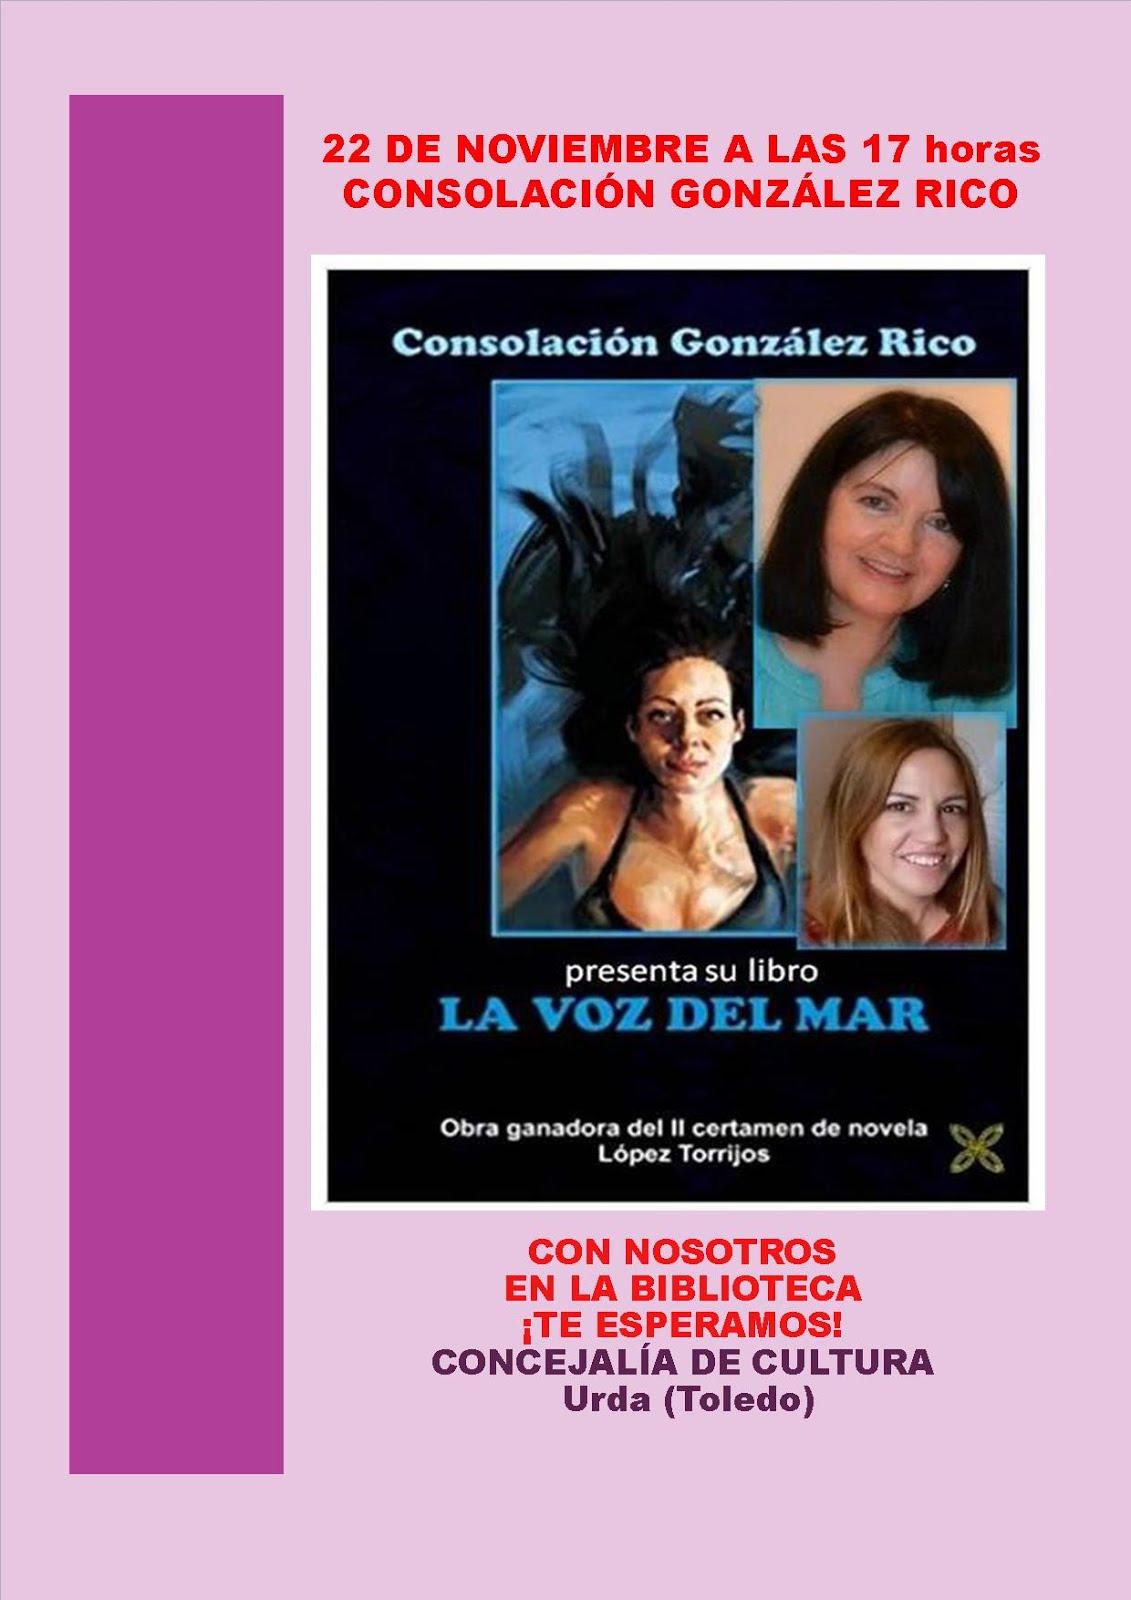 22 de NOVIEMBRE, miércoles, 17:00 horas CONSOLACIÓN GONZÁLEZ RICO EN LA BIBLIOTECA ¡TE ESPERAMOS!